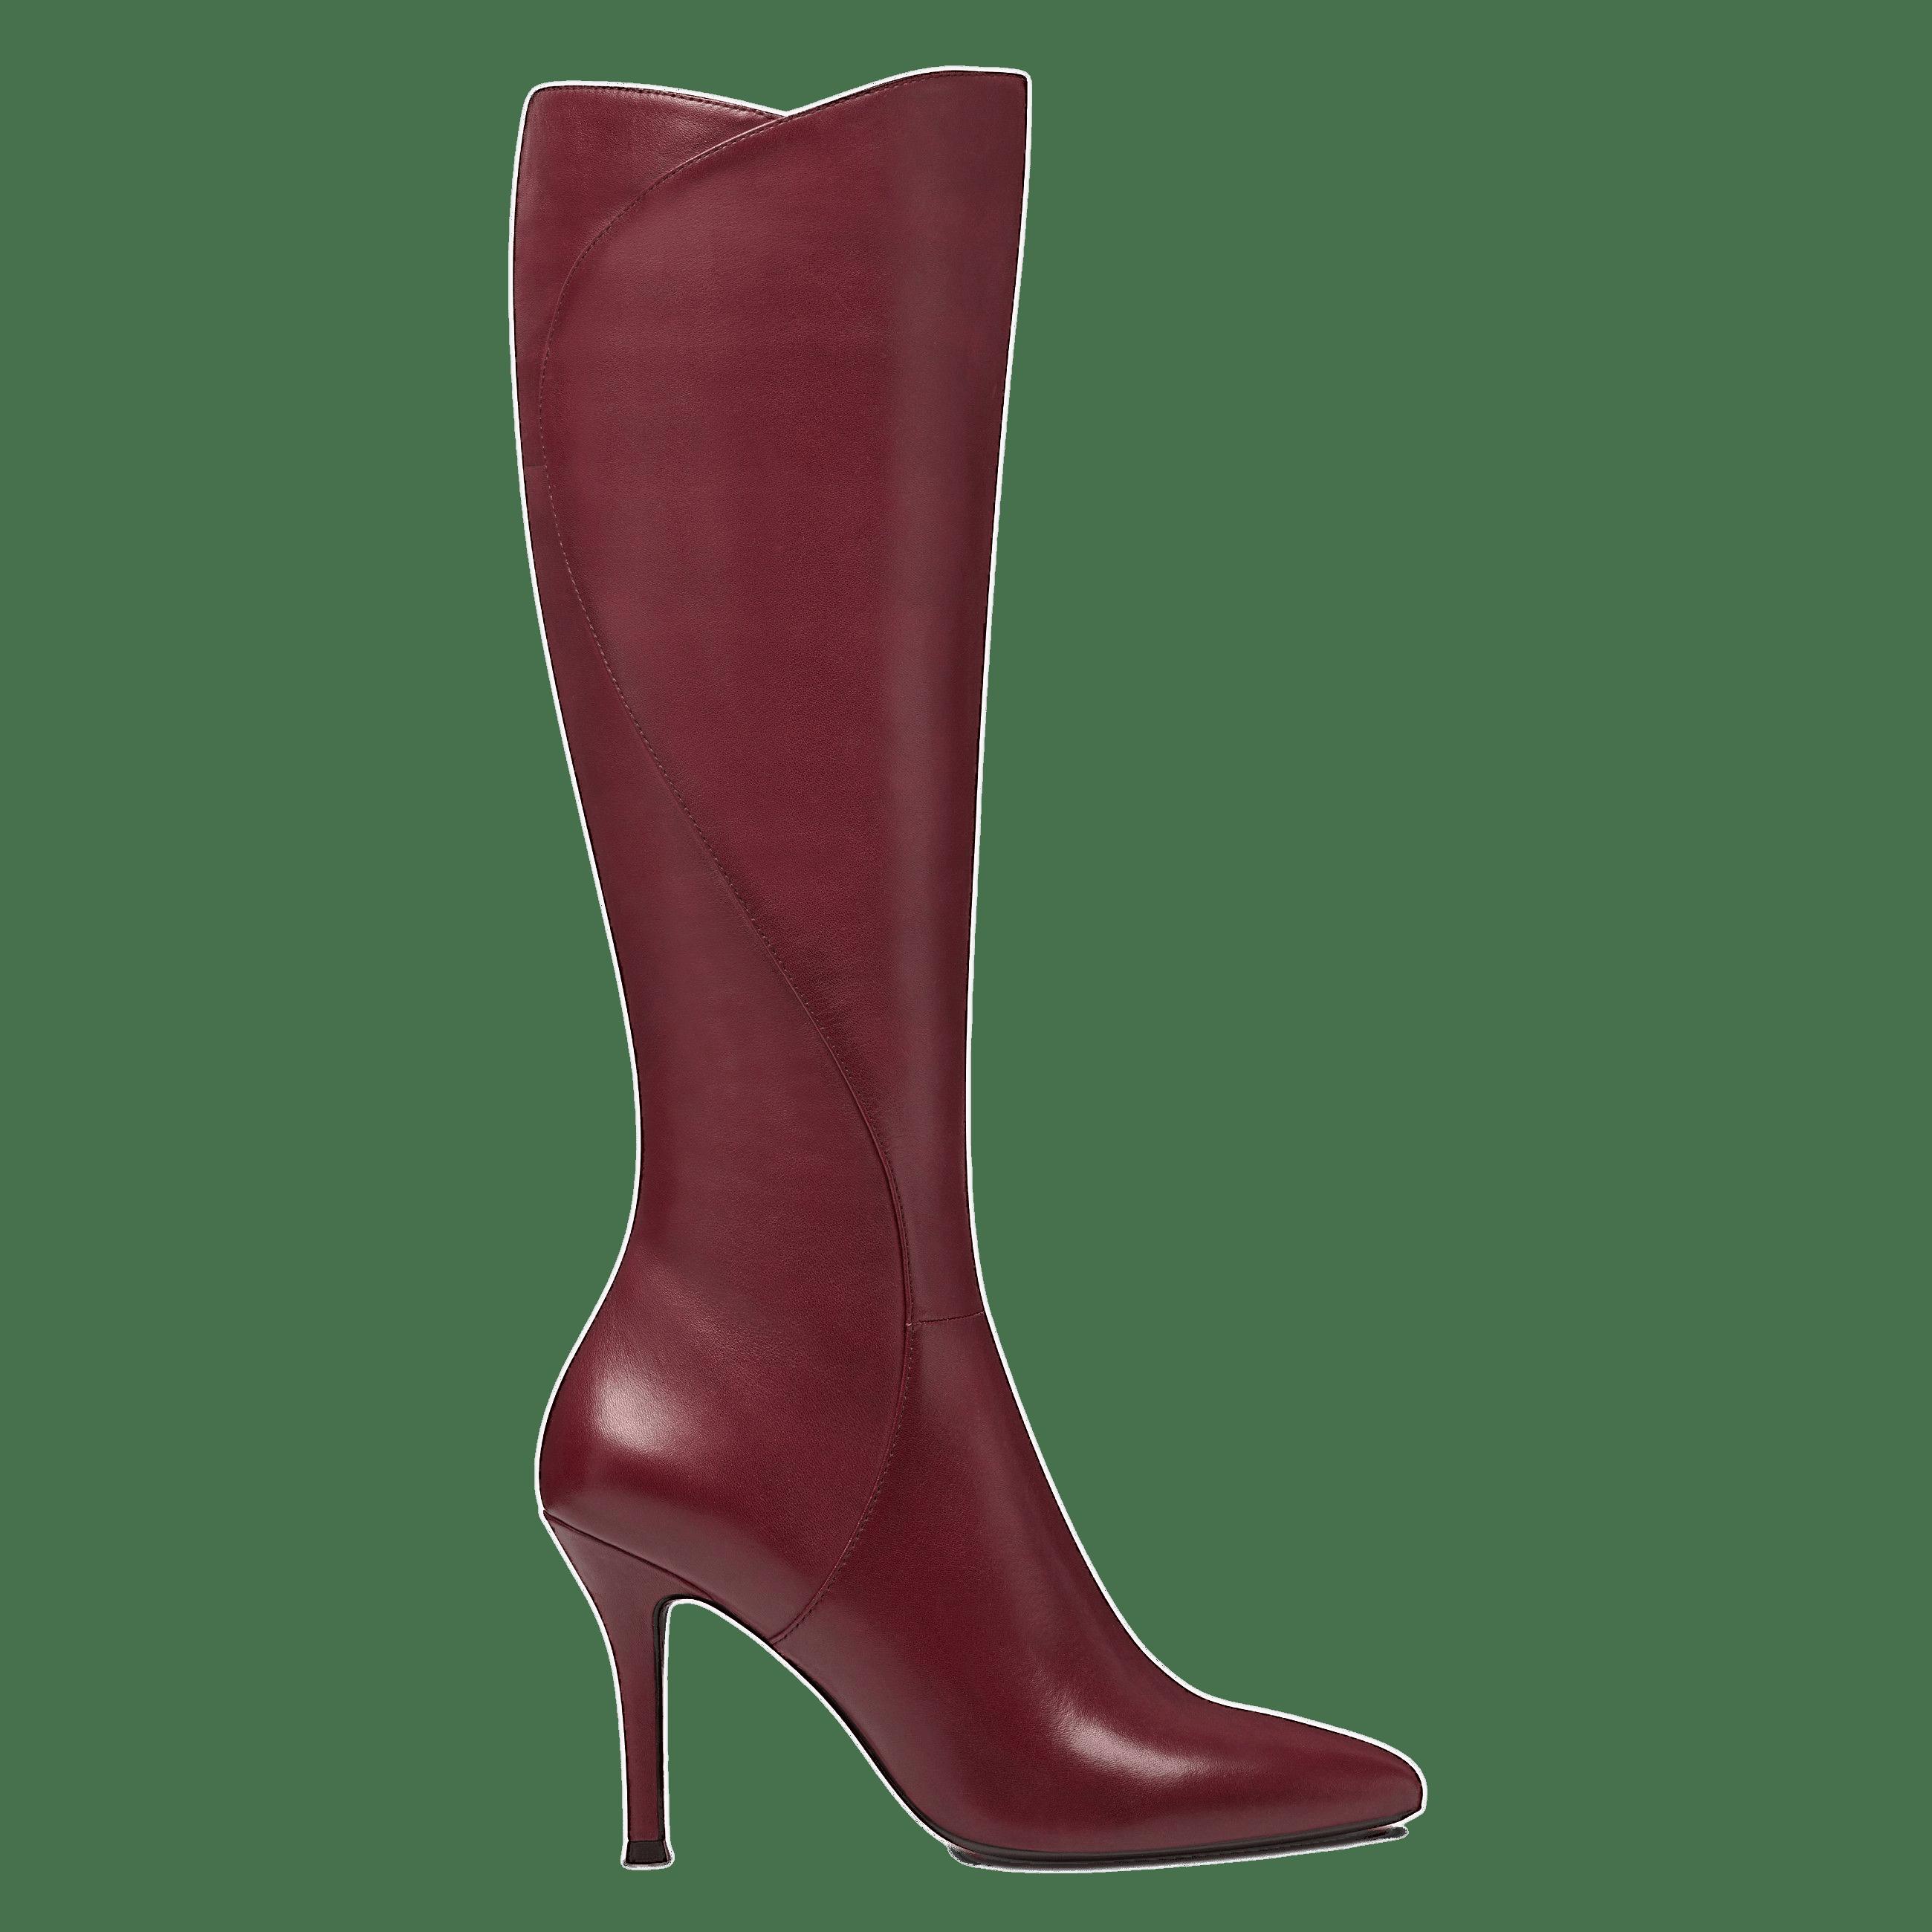 de10bb4c24e3 Bordeaux Knee High Boots transparent PNG - StickPNG